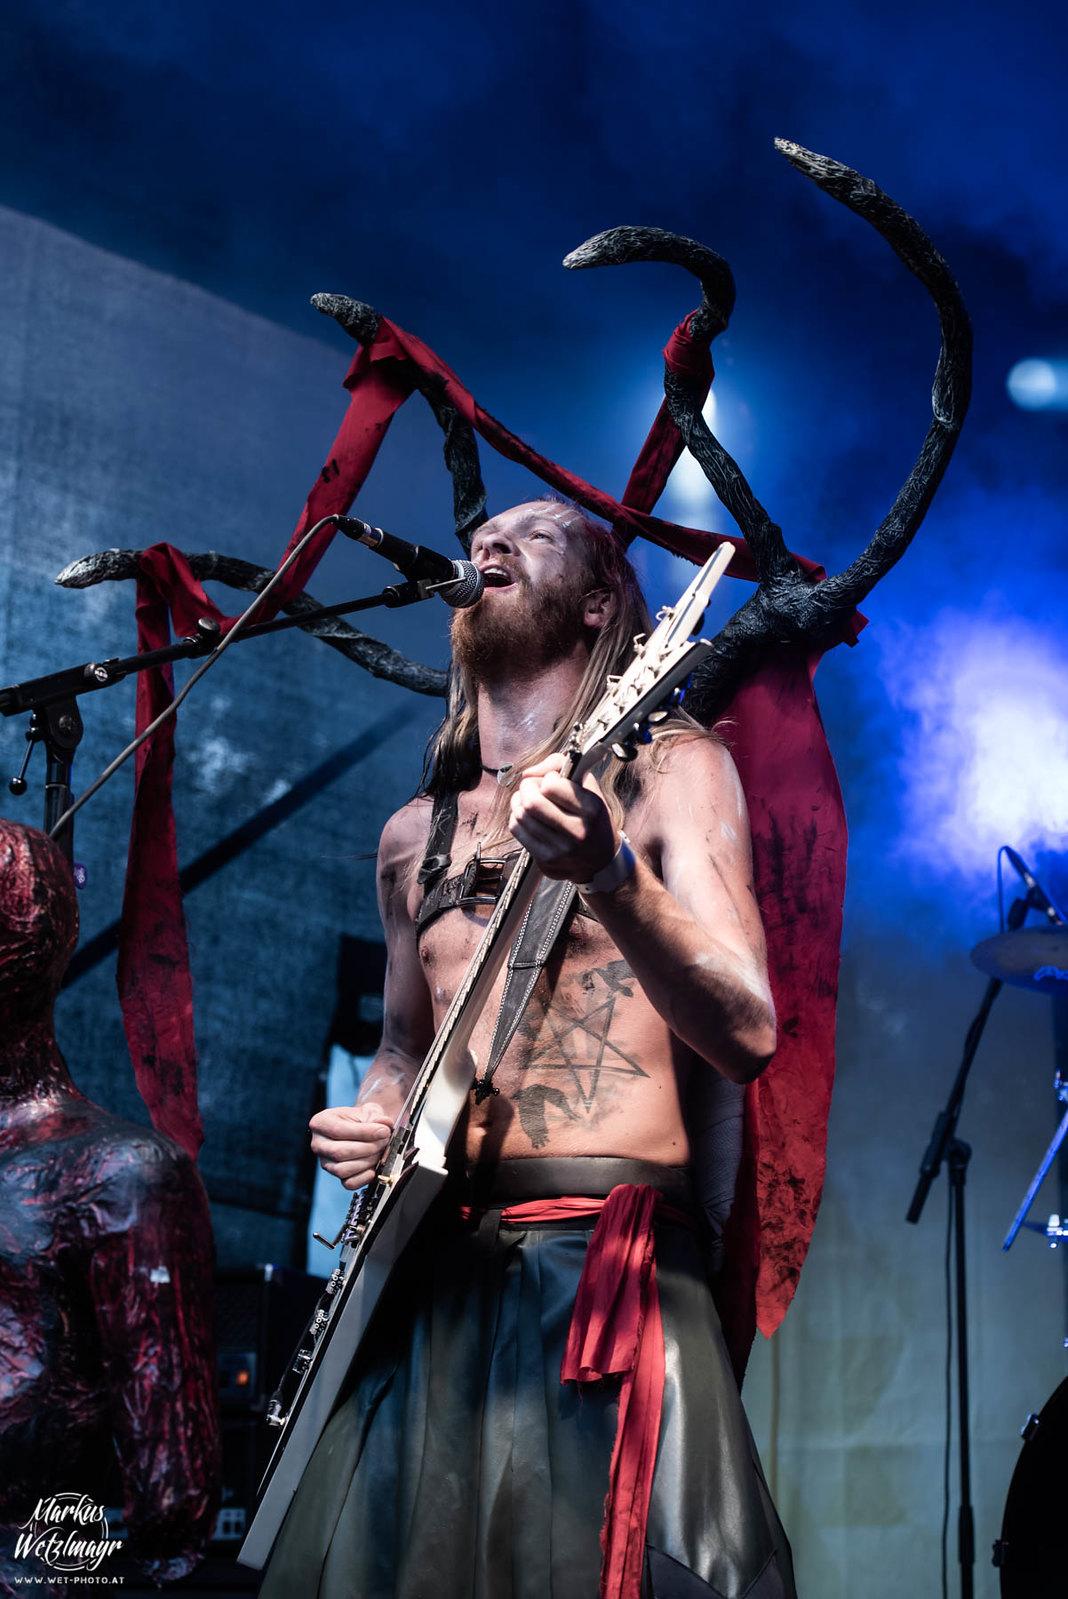 RICHTHAMMER - Metalheads Against Racism Vol. 8, Donauinselfest Vienna